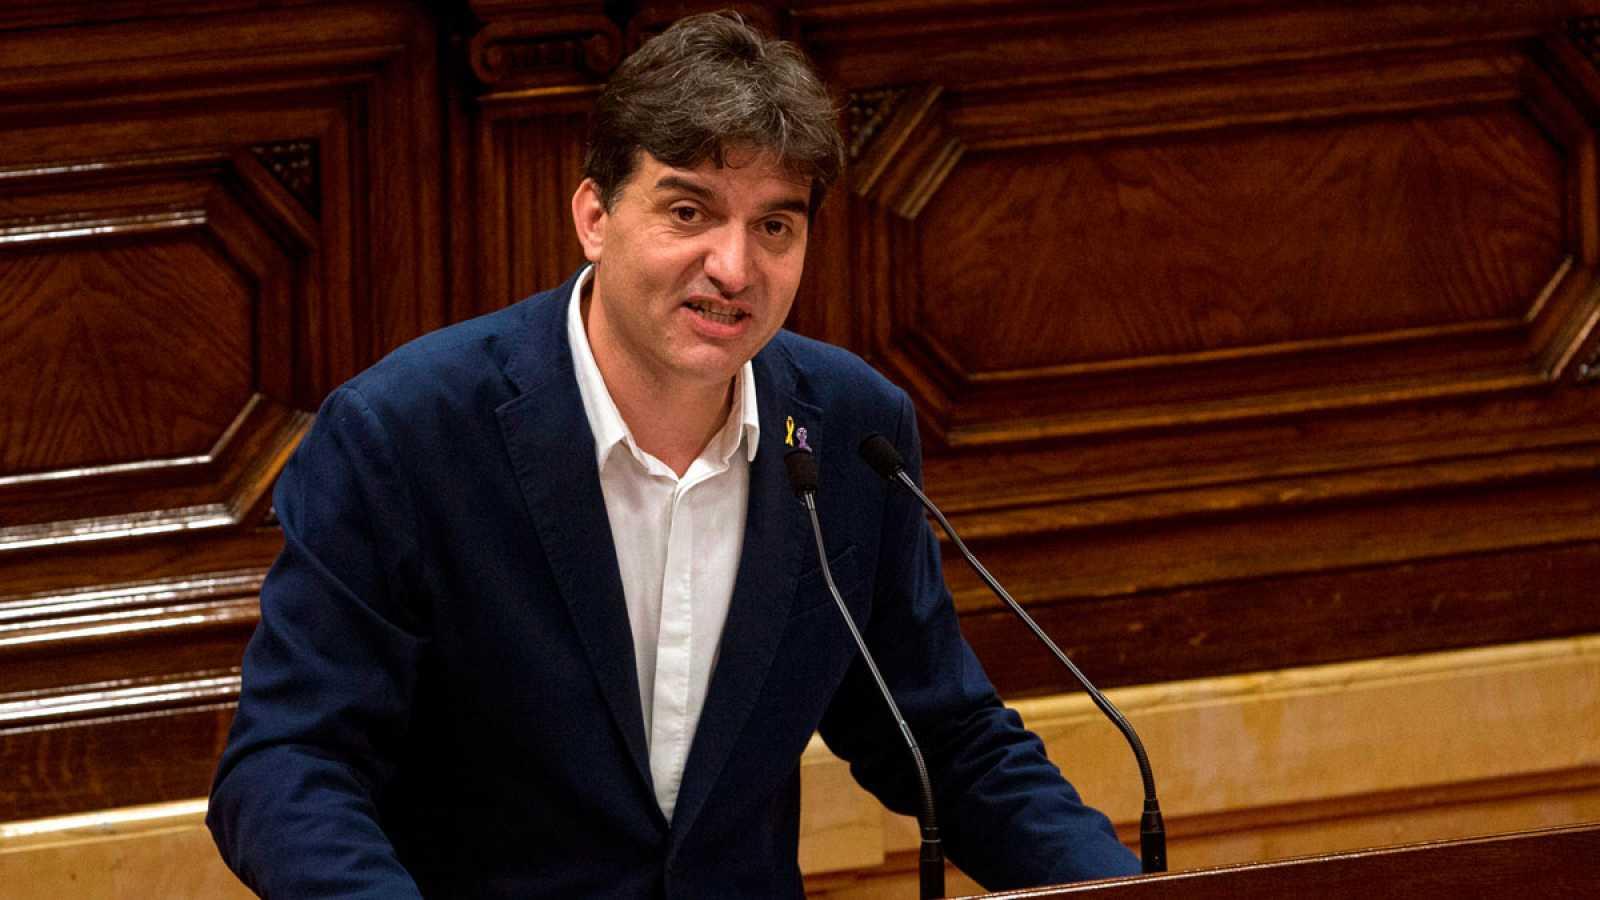 [GOVERN] Projecte de llei per a la restitució efectiva de les institucions catalanes derrocades il·legítimament 4599646?w=1600&preview=1526136307355